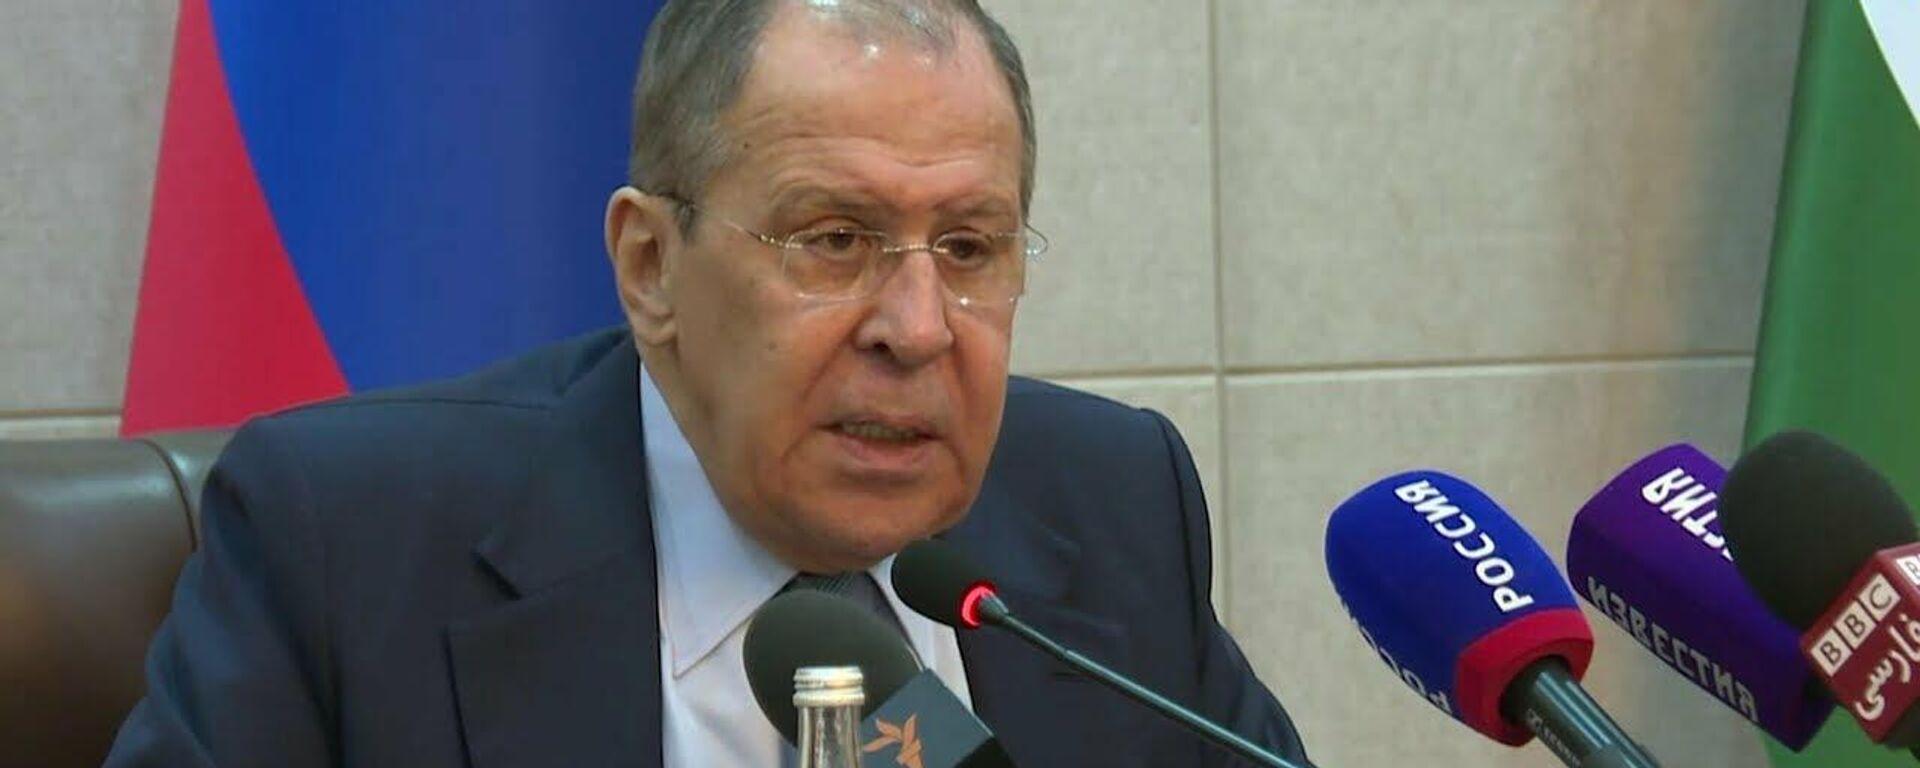 Совместная пресс-конференция С.Лаврова и С.Мухриддина, Душанбе, 19 мая 2021 года - Sputnik Таджикистан, 1920, 19.05.2021